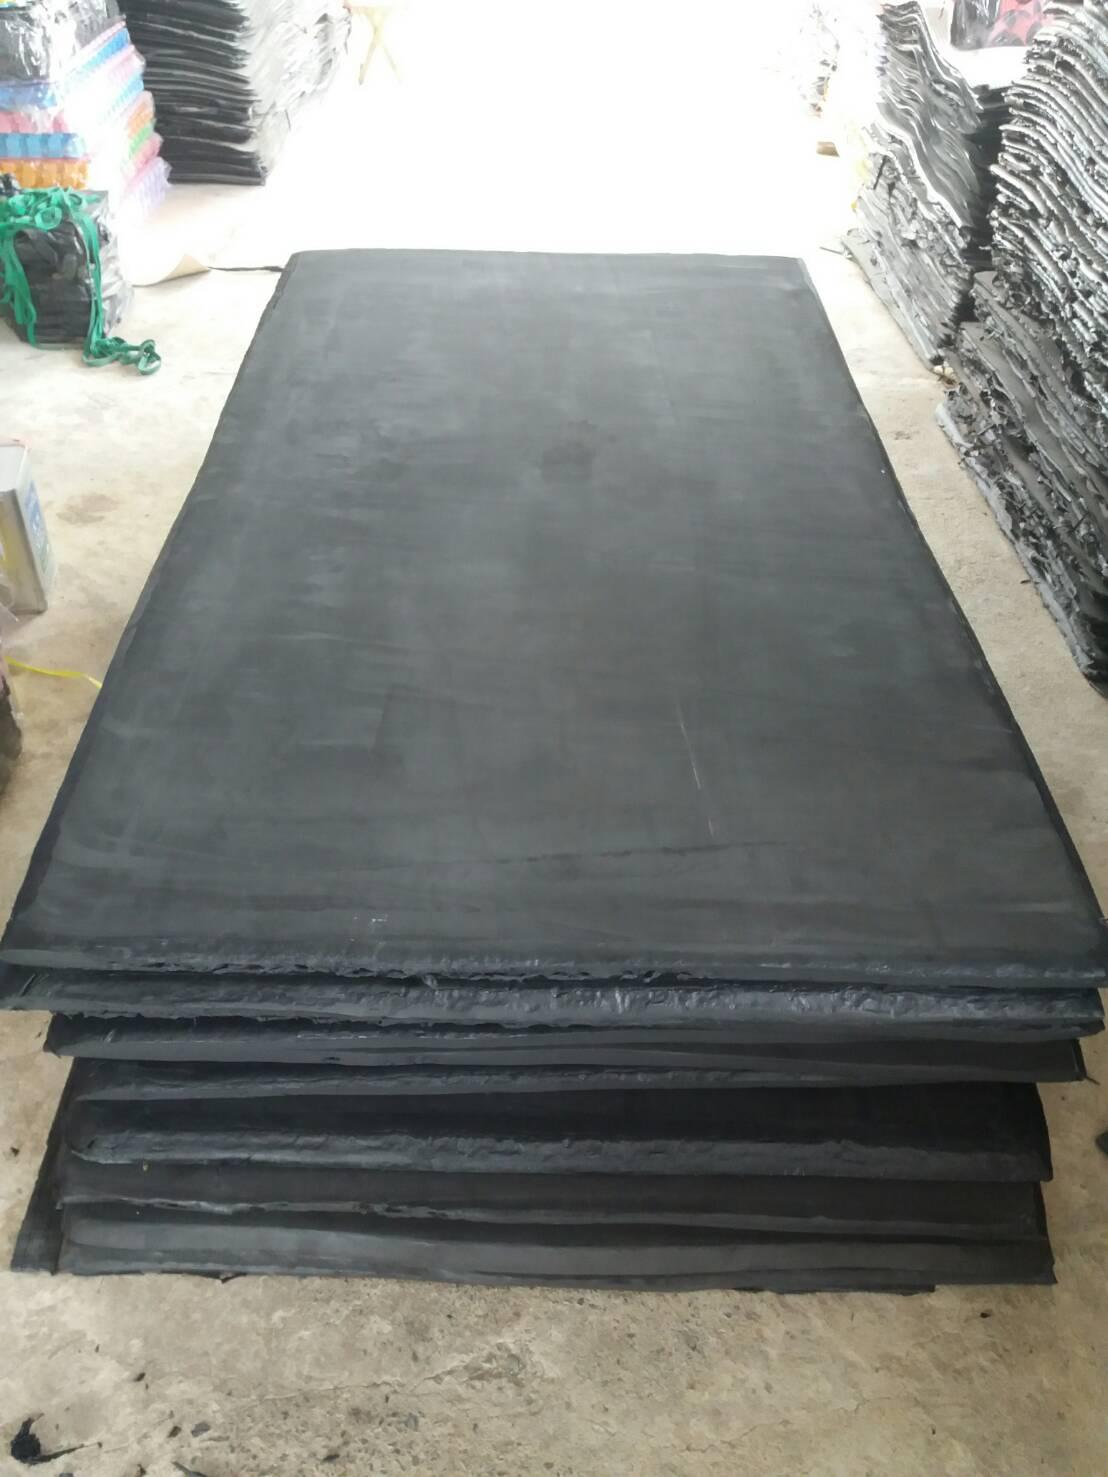 แผ่นยางกันกระแทกสีดำ ขนาด 130 x 230 ซม. หนา 50 มม.